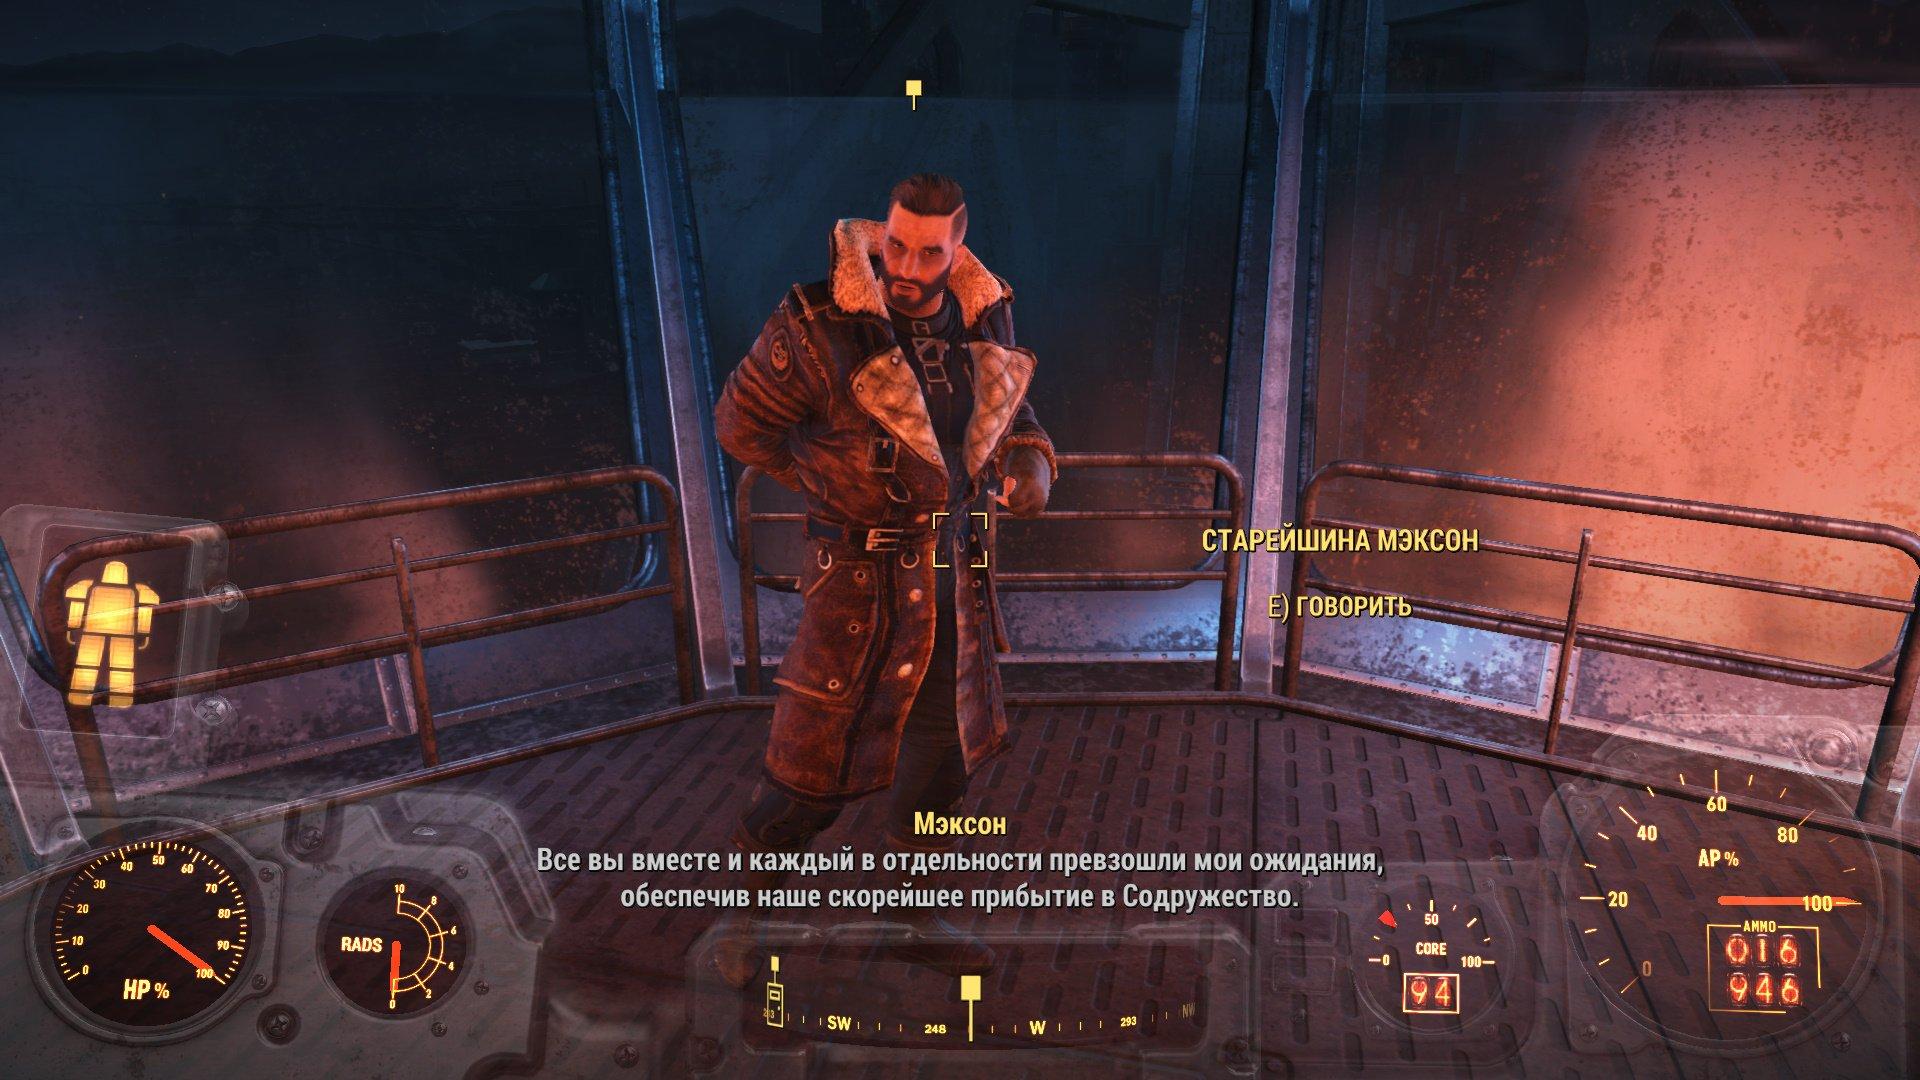 Сравнительный анализ (на самом деле нет) Fallout New Vegas vs. Fallout 4 (часть 1) - Изображение 13